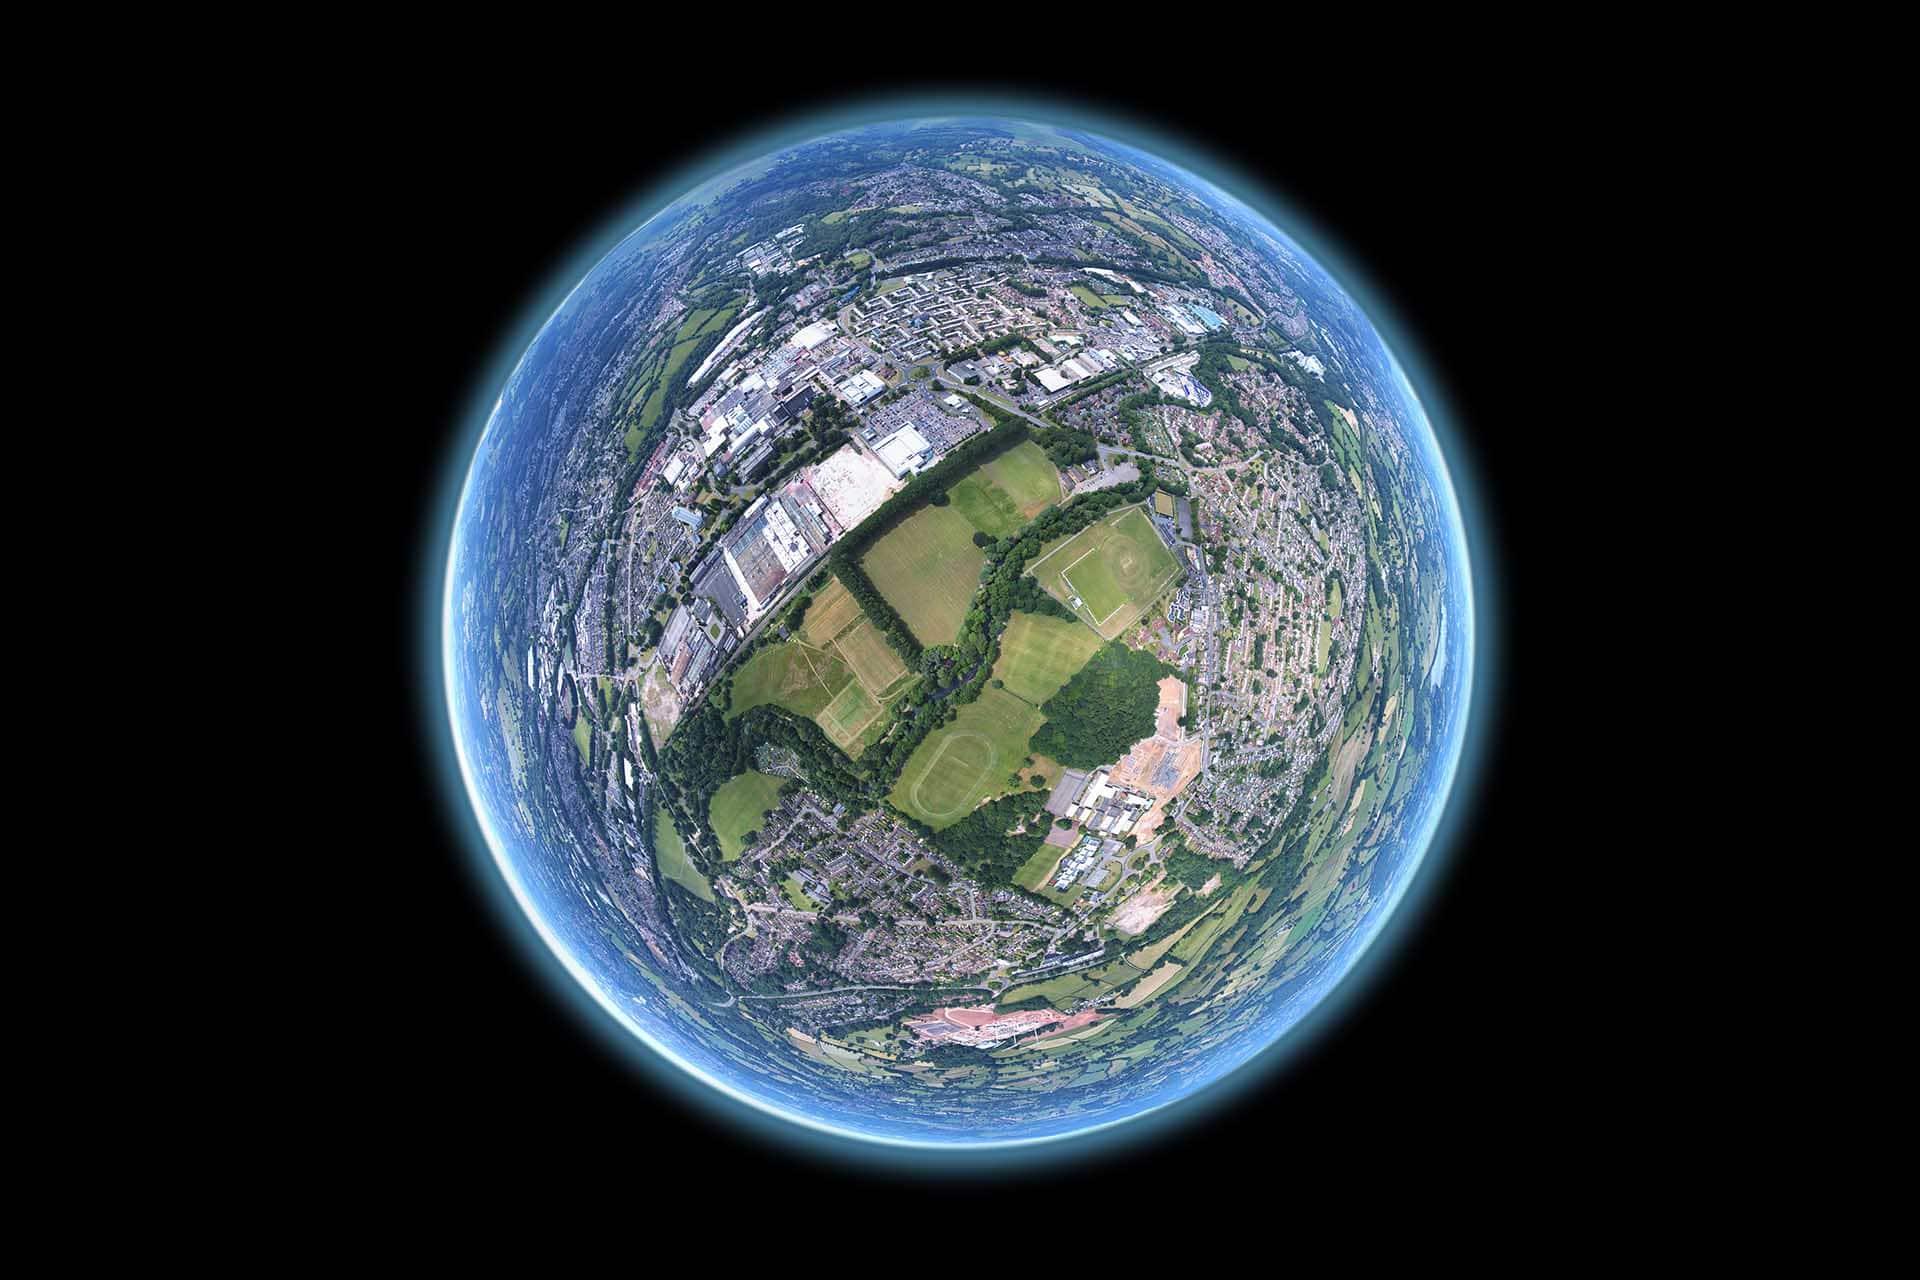 t2informatik Blog: Wird die Welt komplexer?